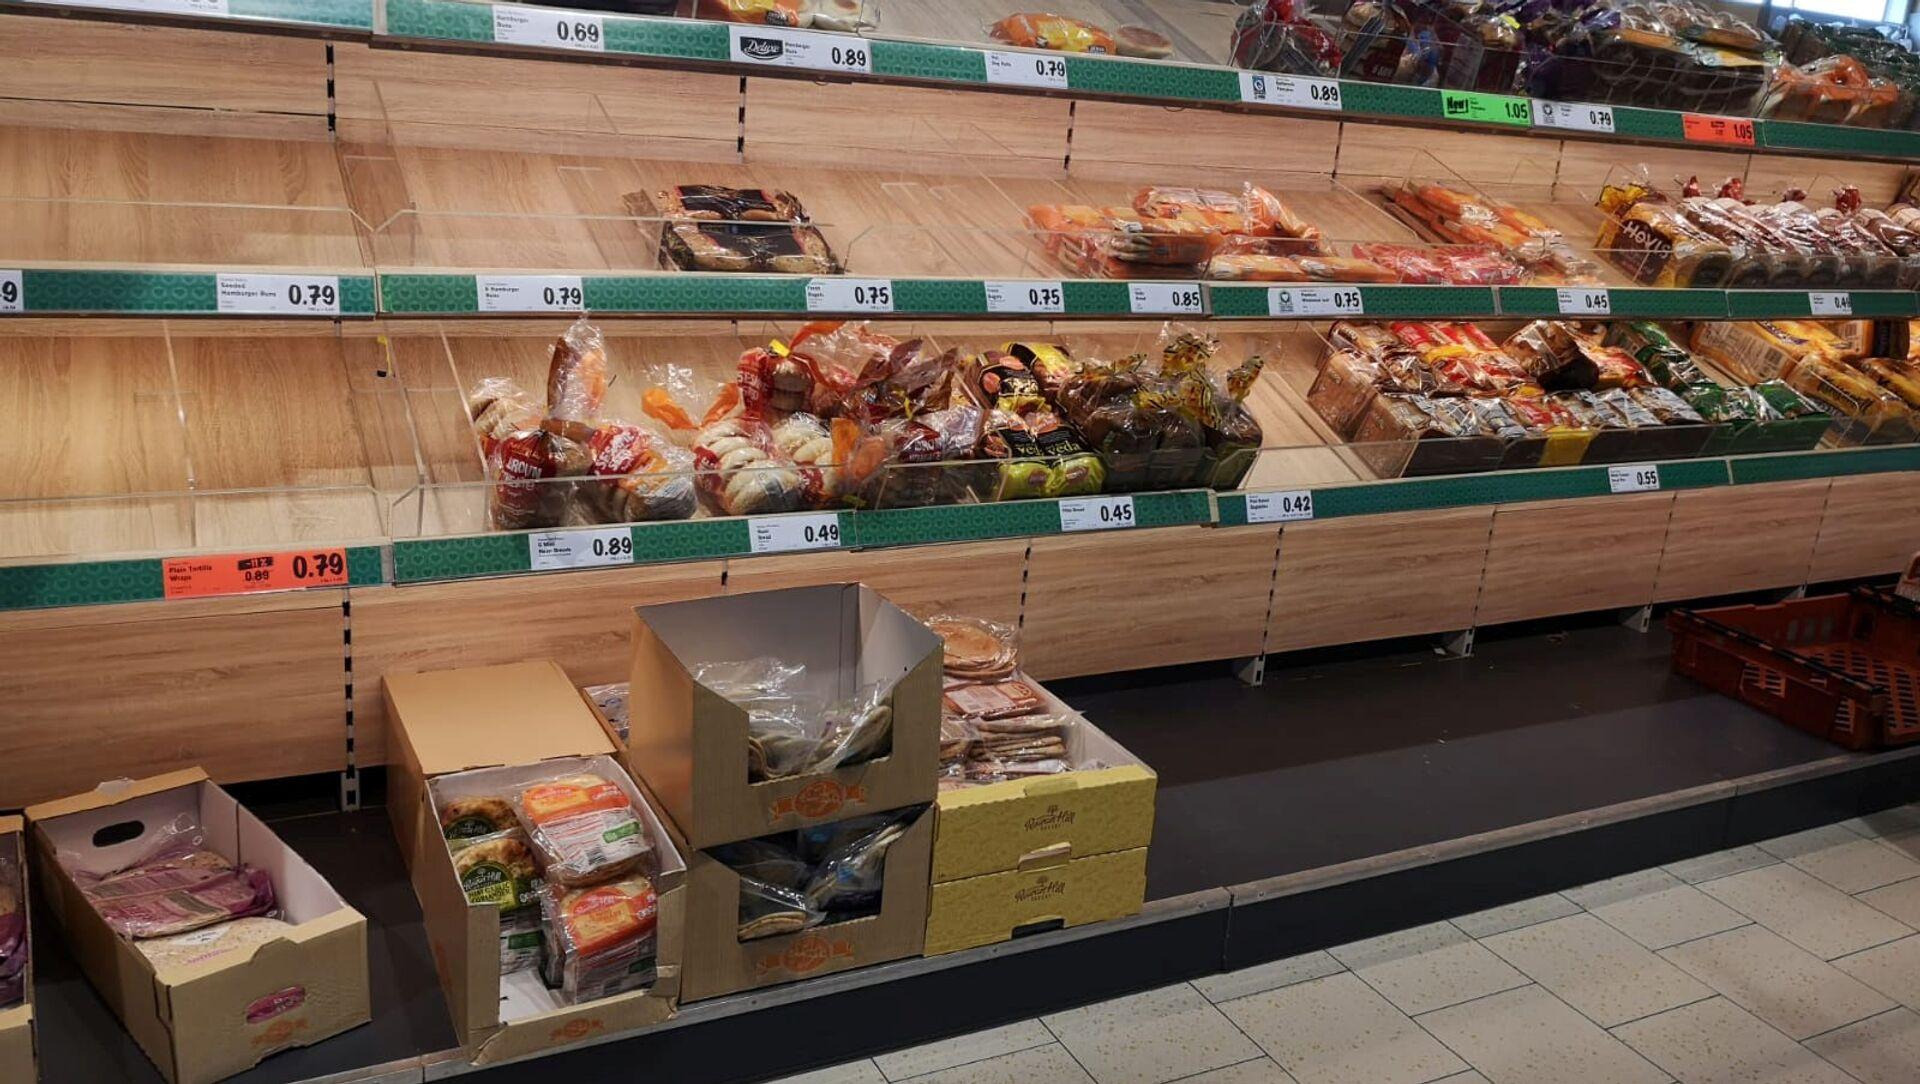 Пустой прилавок в супермаркете в Лурган, Ирландия - Sputnik Абхазия, 1920, 01.09.2021